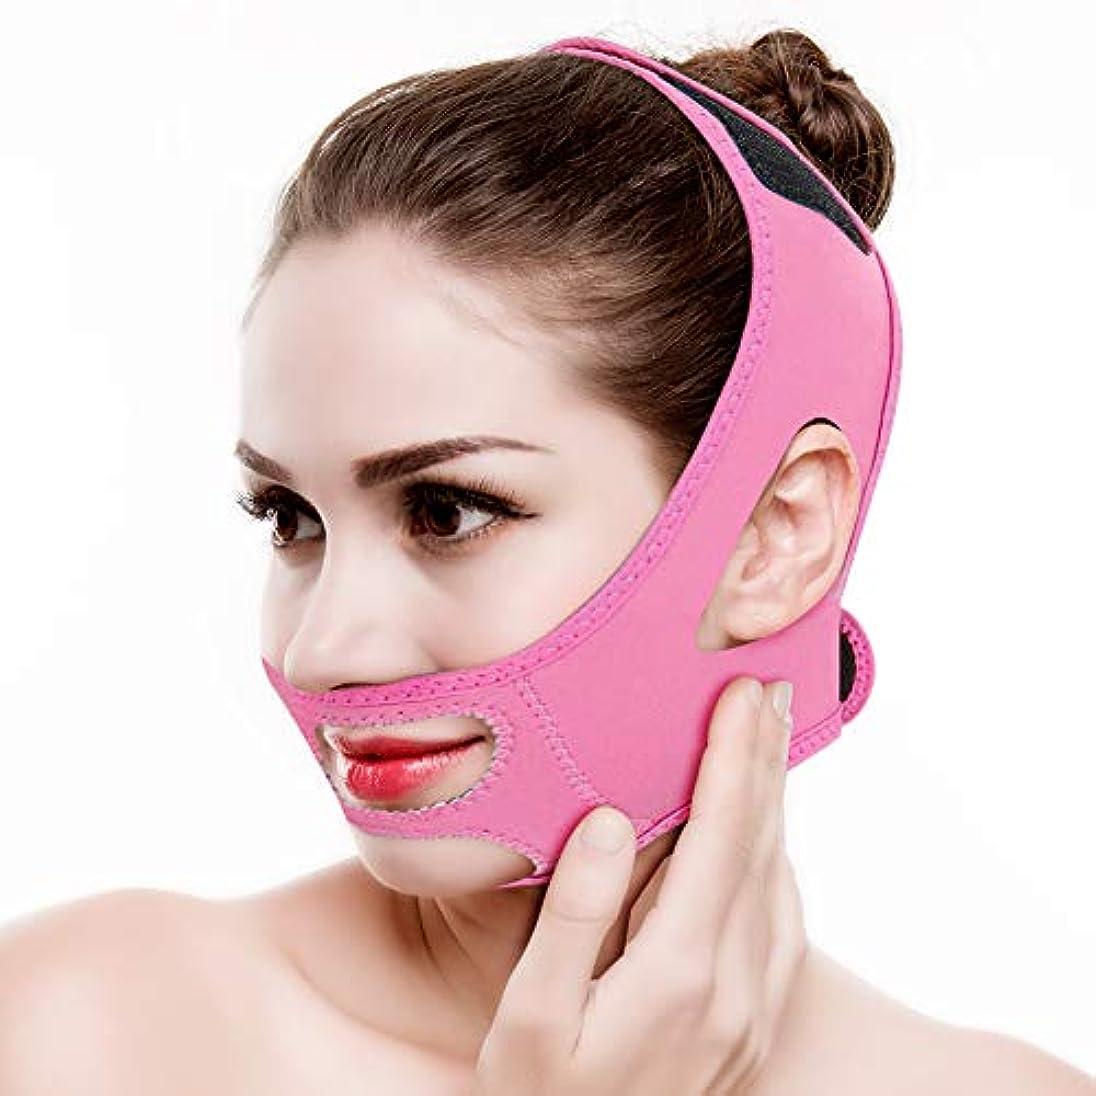 サスティーンキルト翻訳フェイスリフティングベルト,顔の痩身包帯フェイシャルスリミング包帯ベルトマスクフェイスリフトダブルチンスキンストラップフェイススリミング包帯小 顔 美顔 矯正、顎リフト フェイススリミングマスク (Pink)